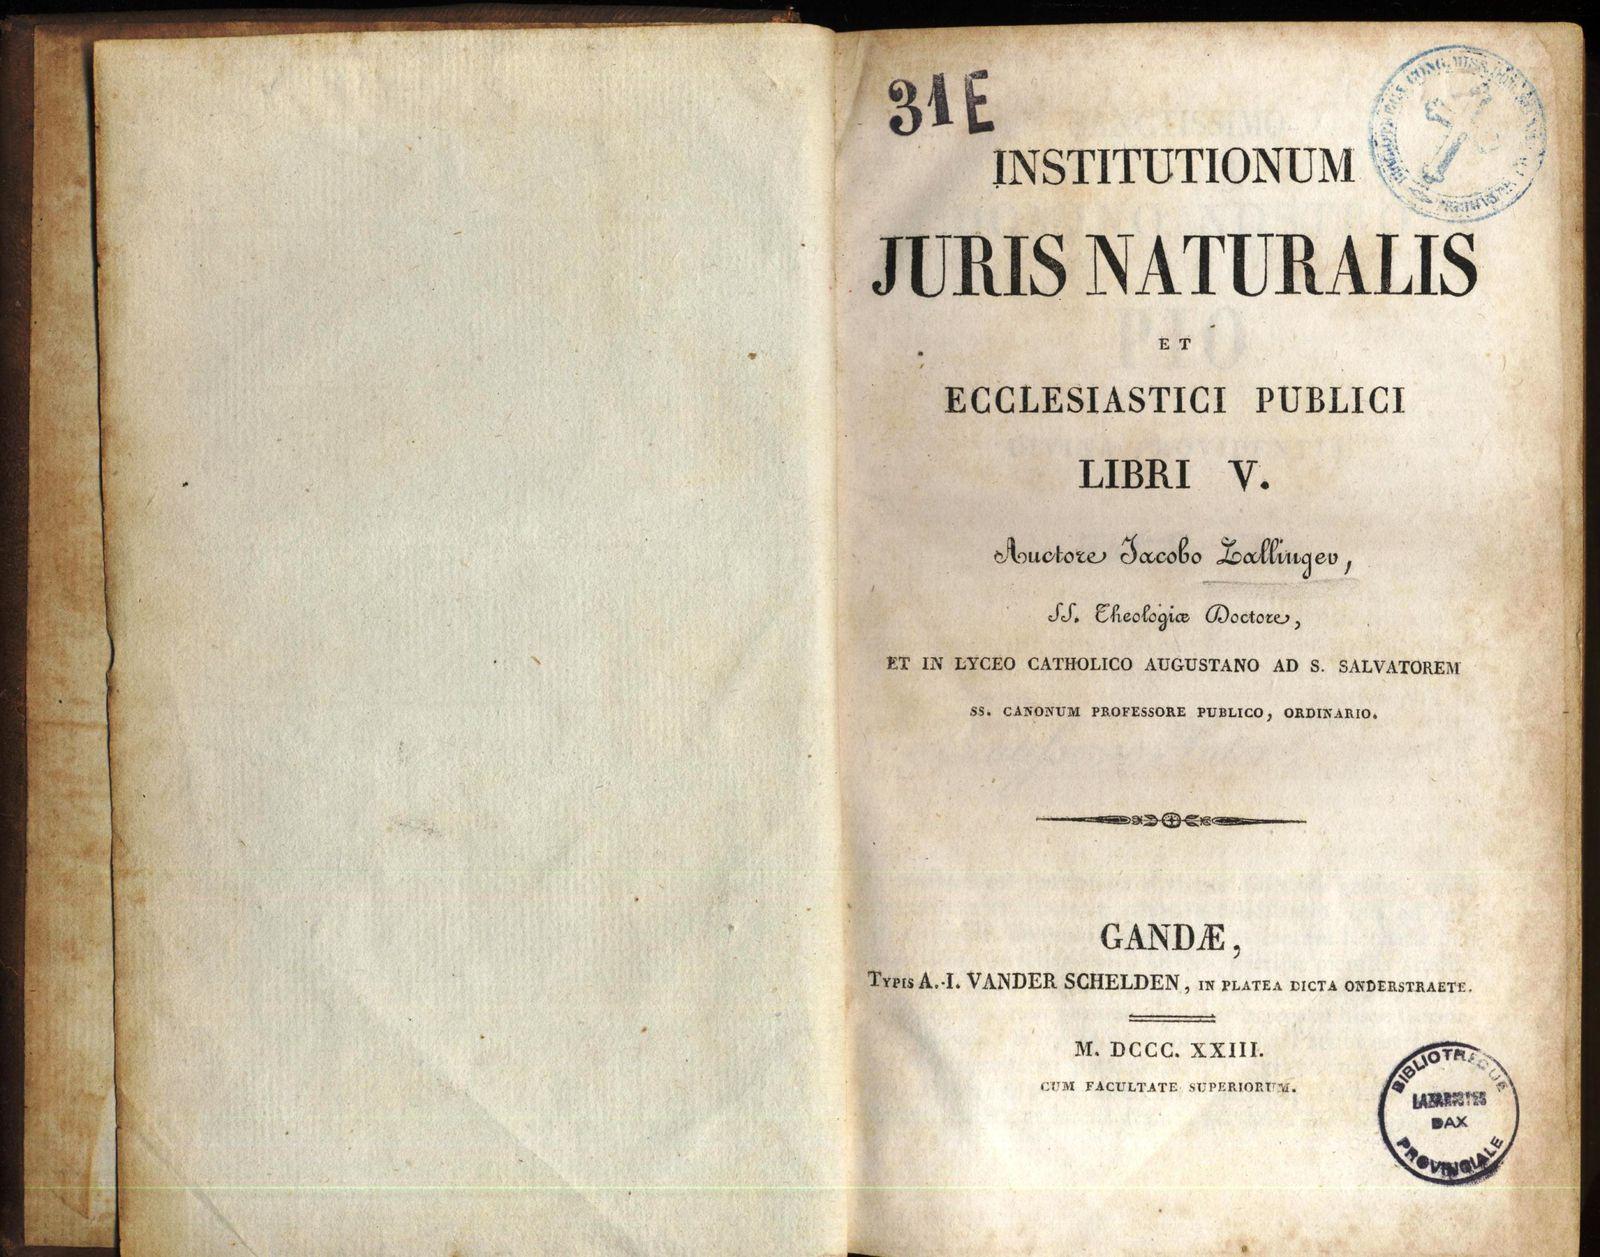 Institutionum Juris Naturalis et Ecclesiastici Publici Libri V, Liber I Jus Naturae Privatum.... 1823